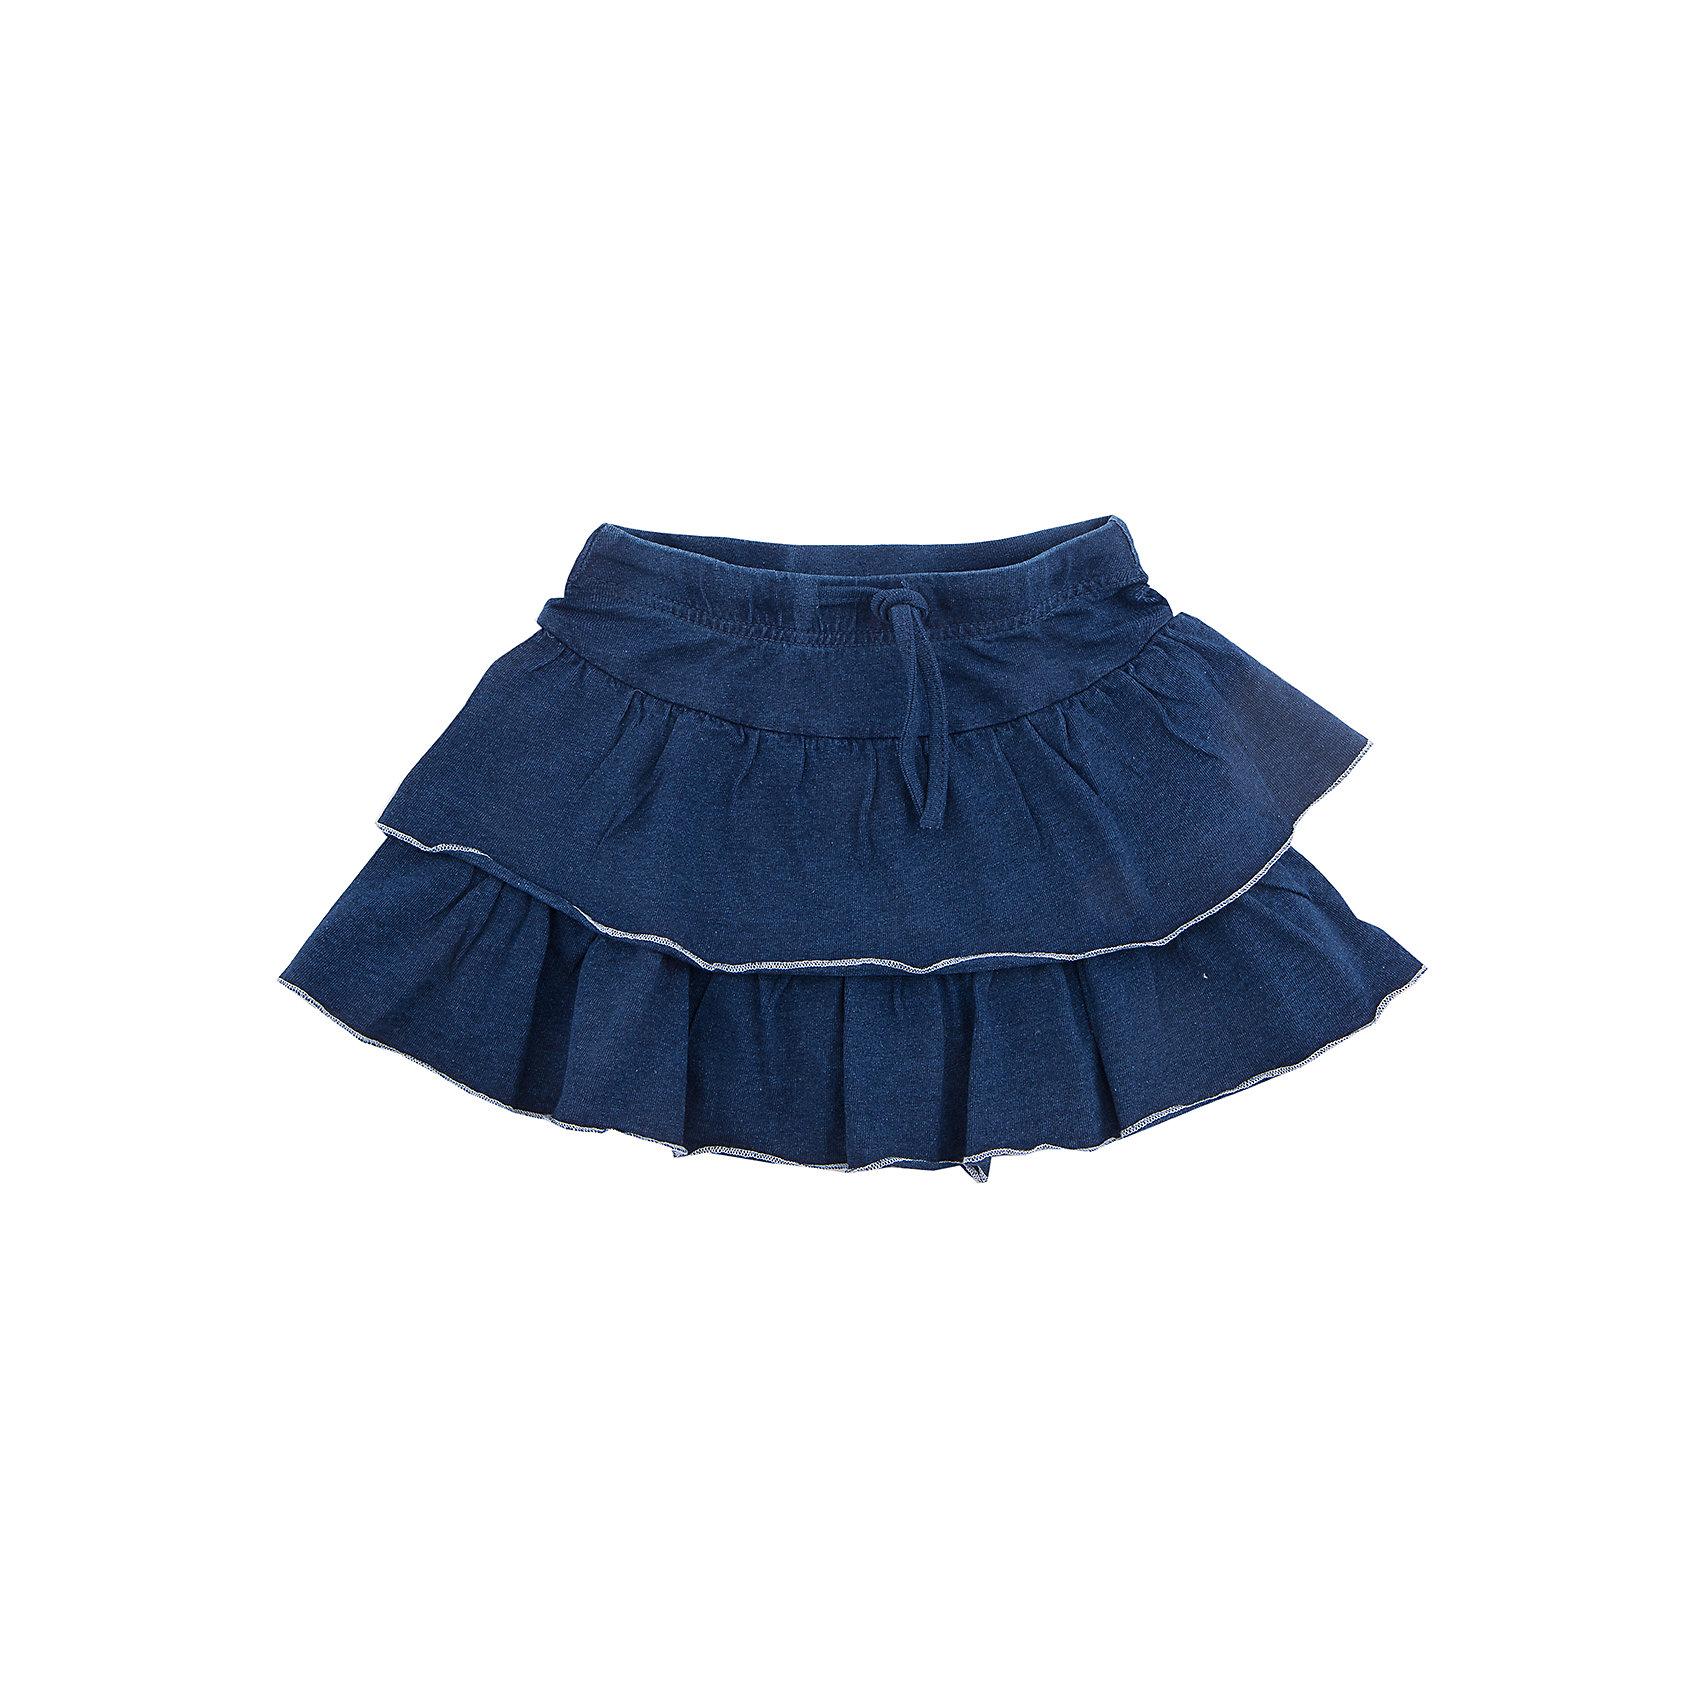 Юбка PlayToday для девочкиЮбки<br>Юбка PlayToday для девочки<br>Трикотажная юбка отлично дополнит повседневный гардероб ребенка. Пояс на широкой резинке, дополнен регулируемым шнуром - кулиской. Модель дополнена двумя рядами пышных оборок.<br>Состав:<br>95% хлопок, 5% эластан<br><br>Ширина мм: 207<br>Глубина мм: 10<br>Высота мм: 189<br>Вес г: 183<br>Цвет: синий<br>Возраст от месяцев: 84<br>Возраст до месяцев: 96<br>Пол: Женский<br>Возраст: Детский<br>Размер: 128,98,104,110,116,122<br>SKU: 7115428